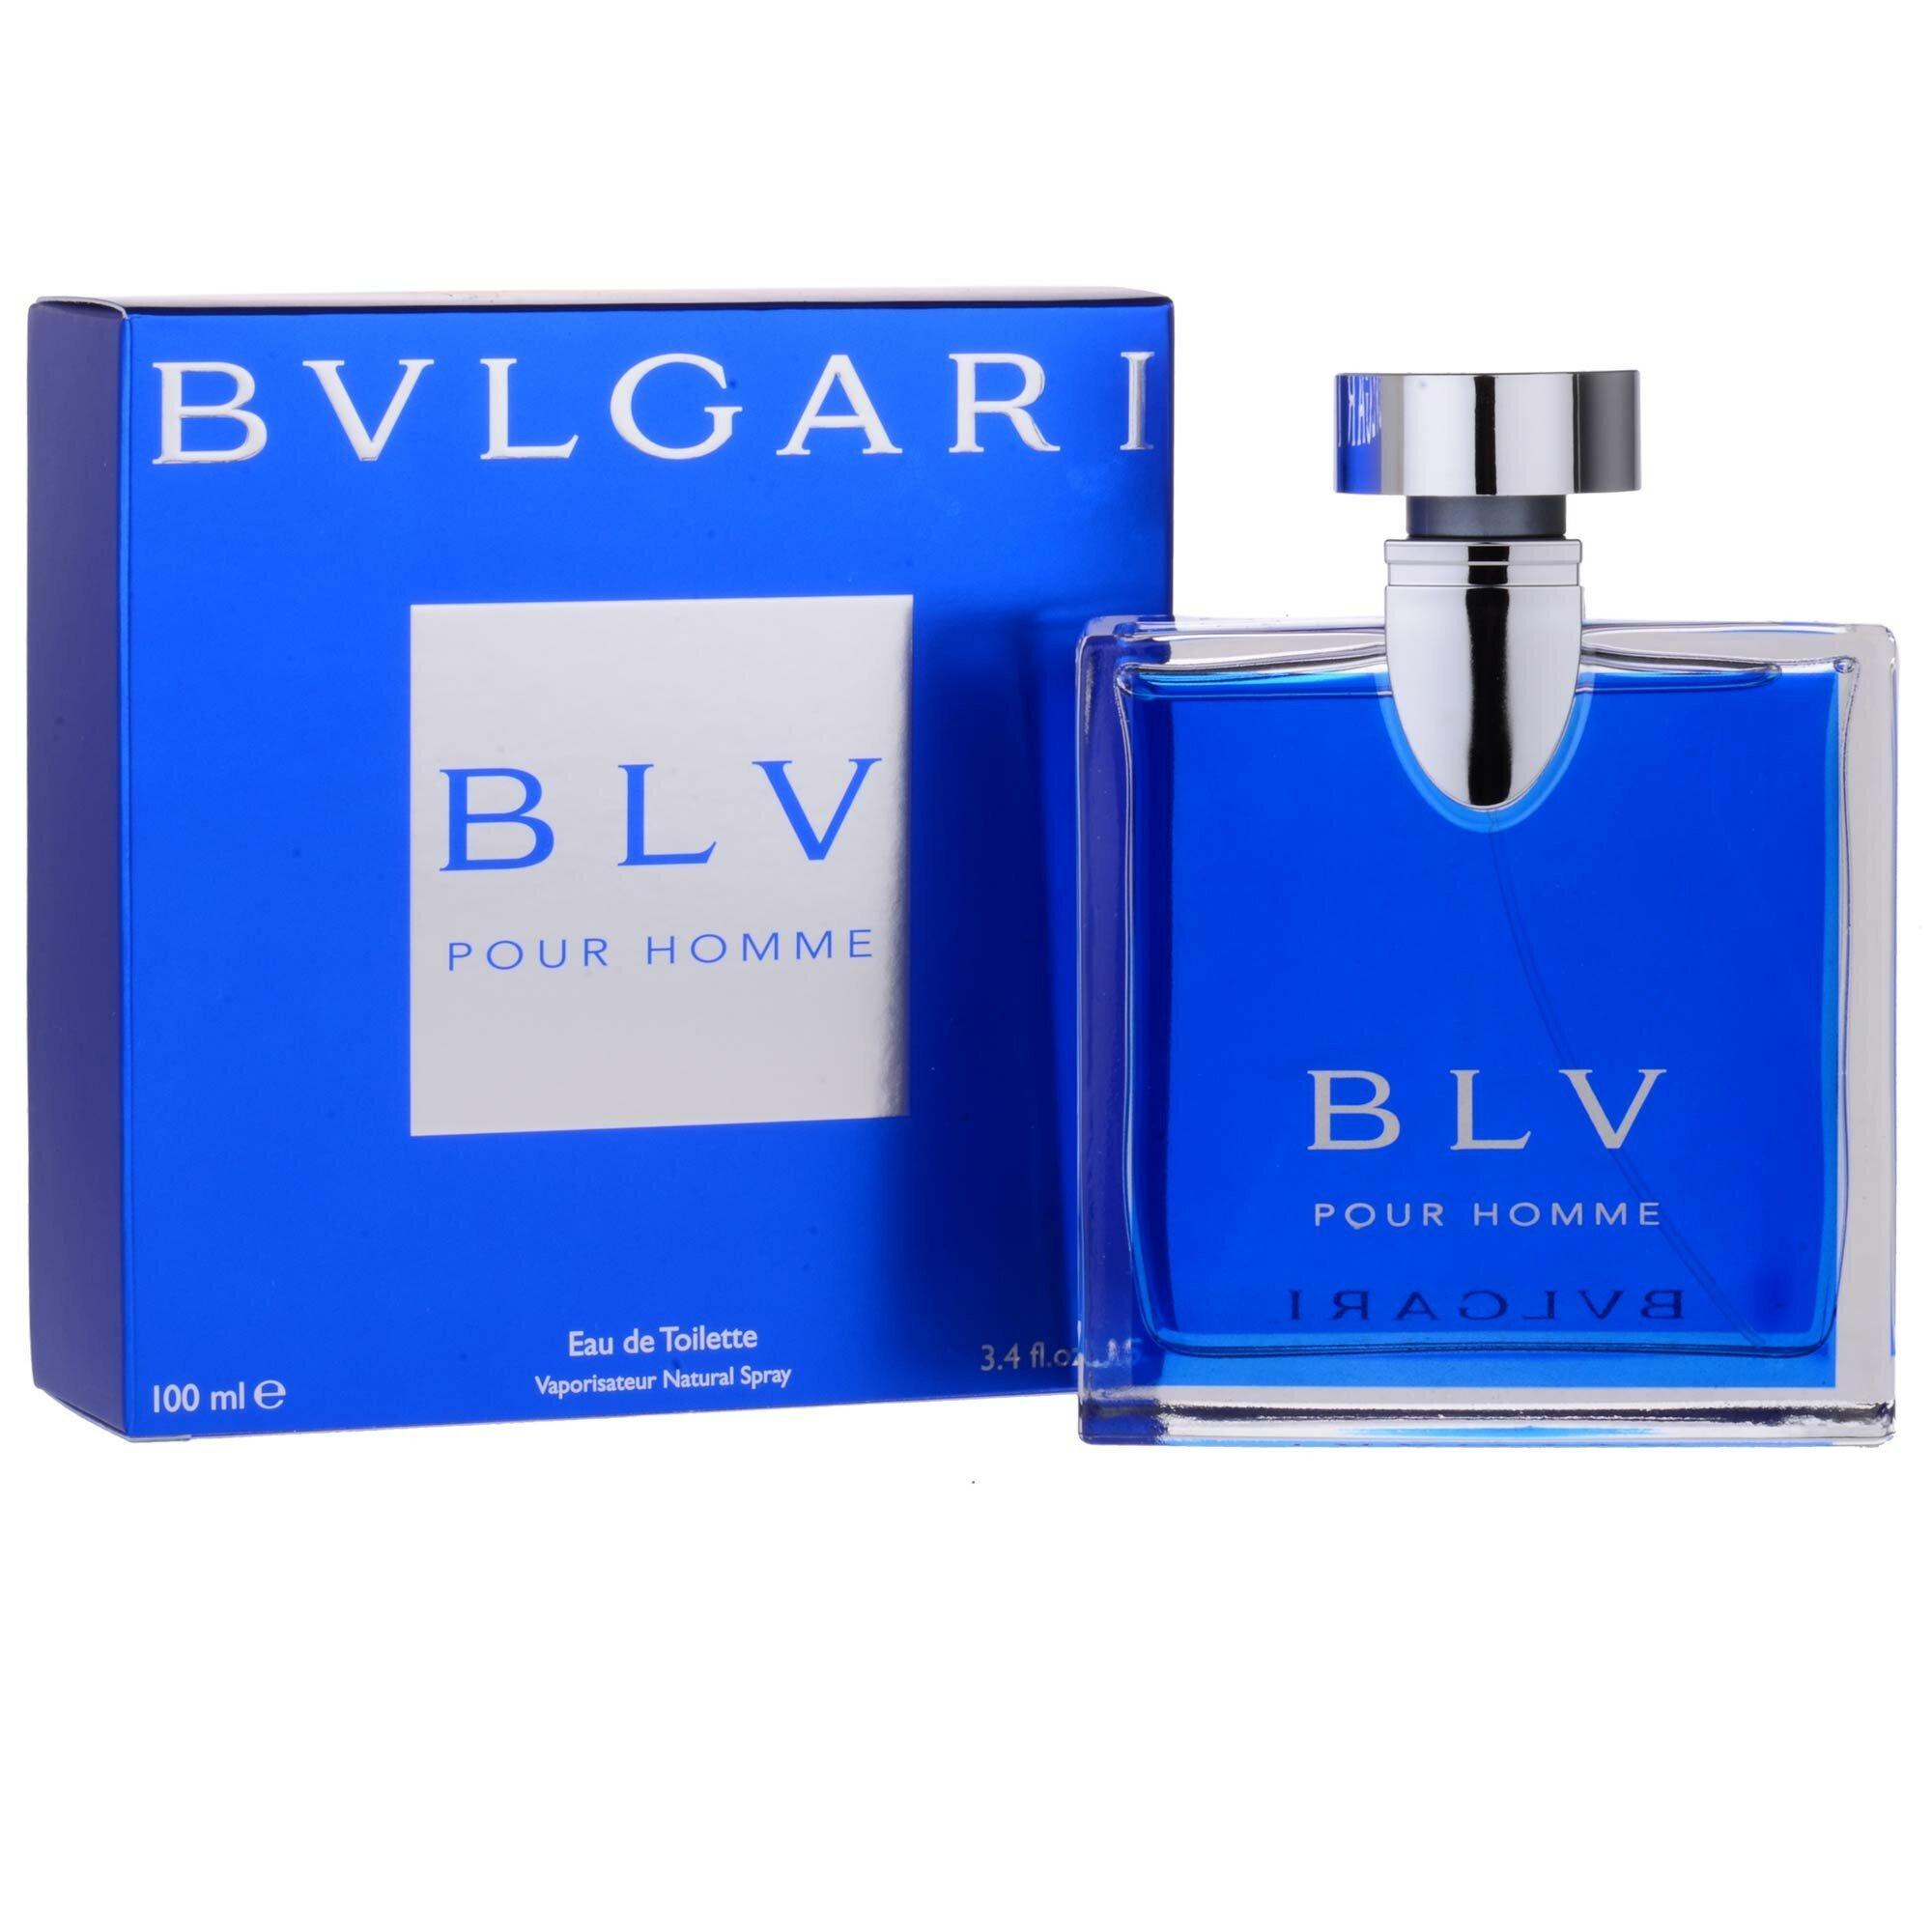 BVLGARI - BLV Pour Homme  EDT 100ml (xanh dương)